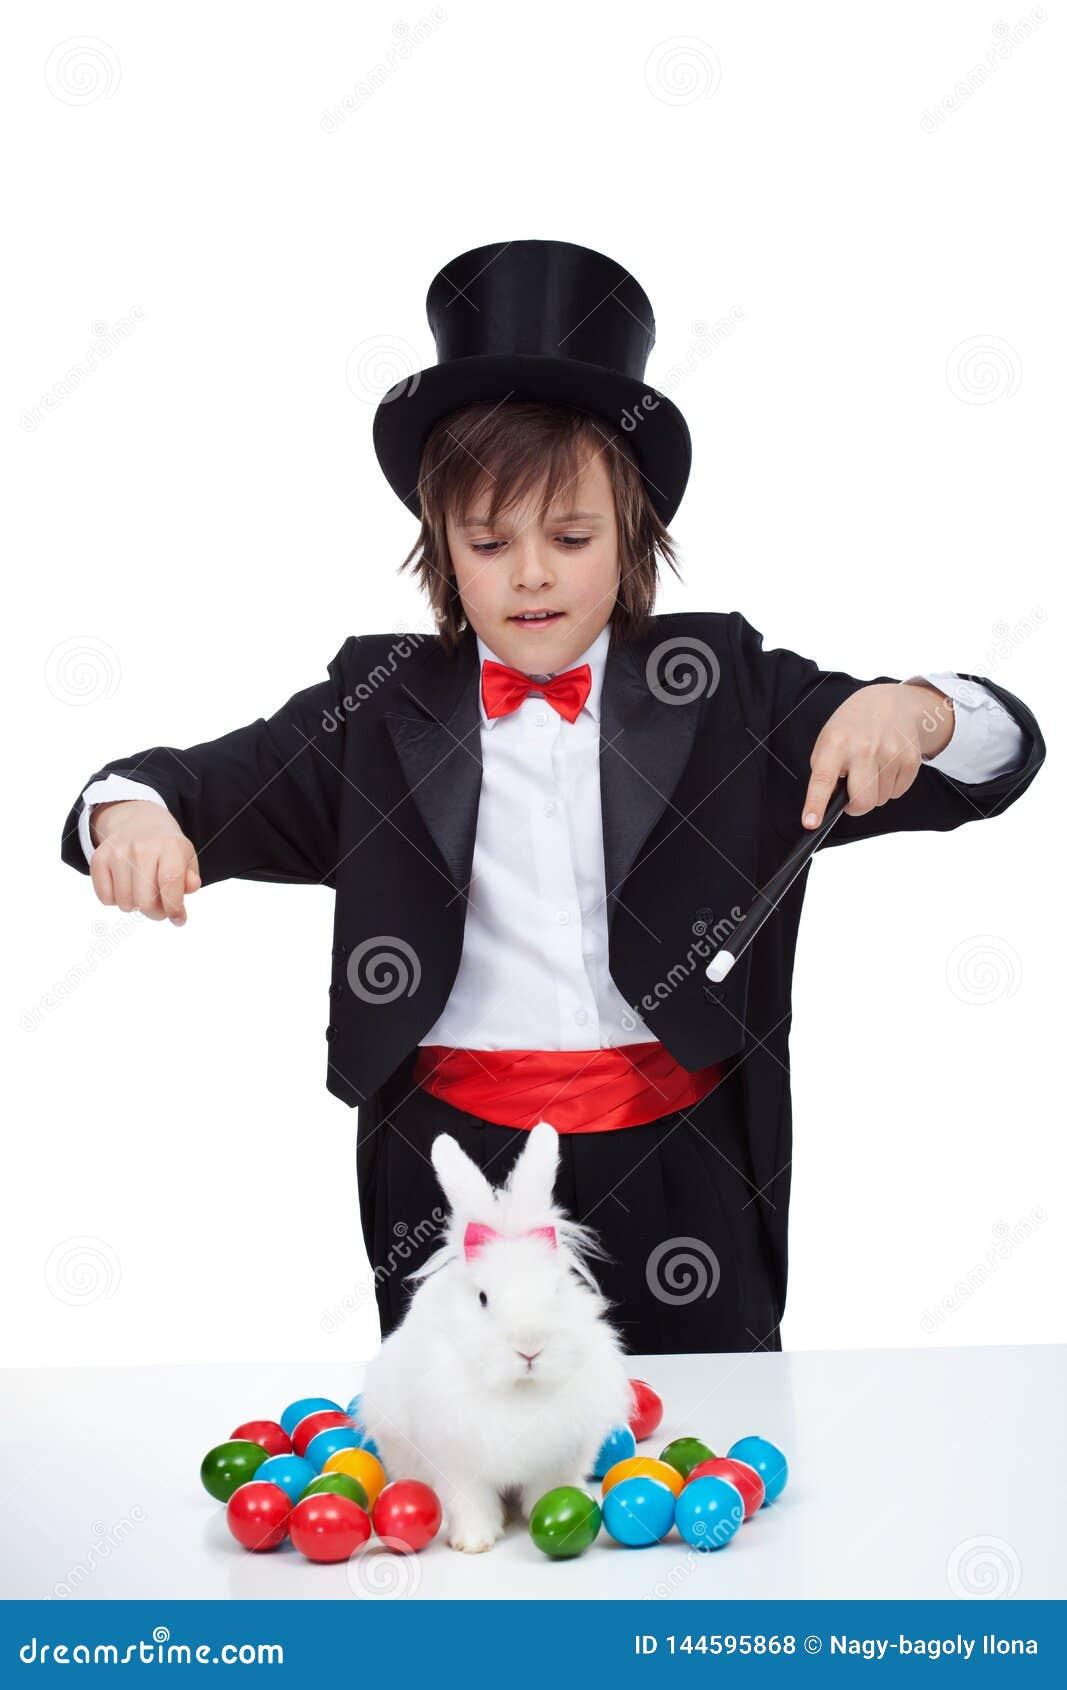 Magik chłopiec wykonuje magiczną sztuczkę z Easter królikiem i niektóre kolorowymi jajkami